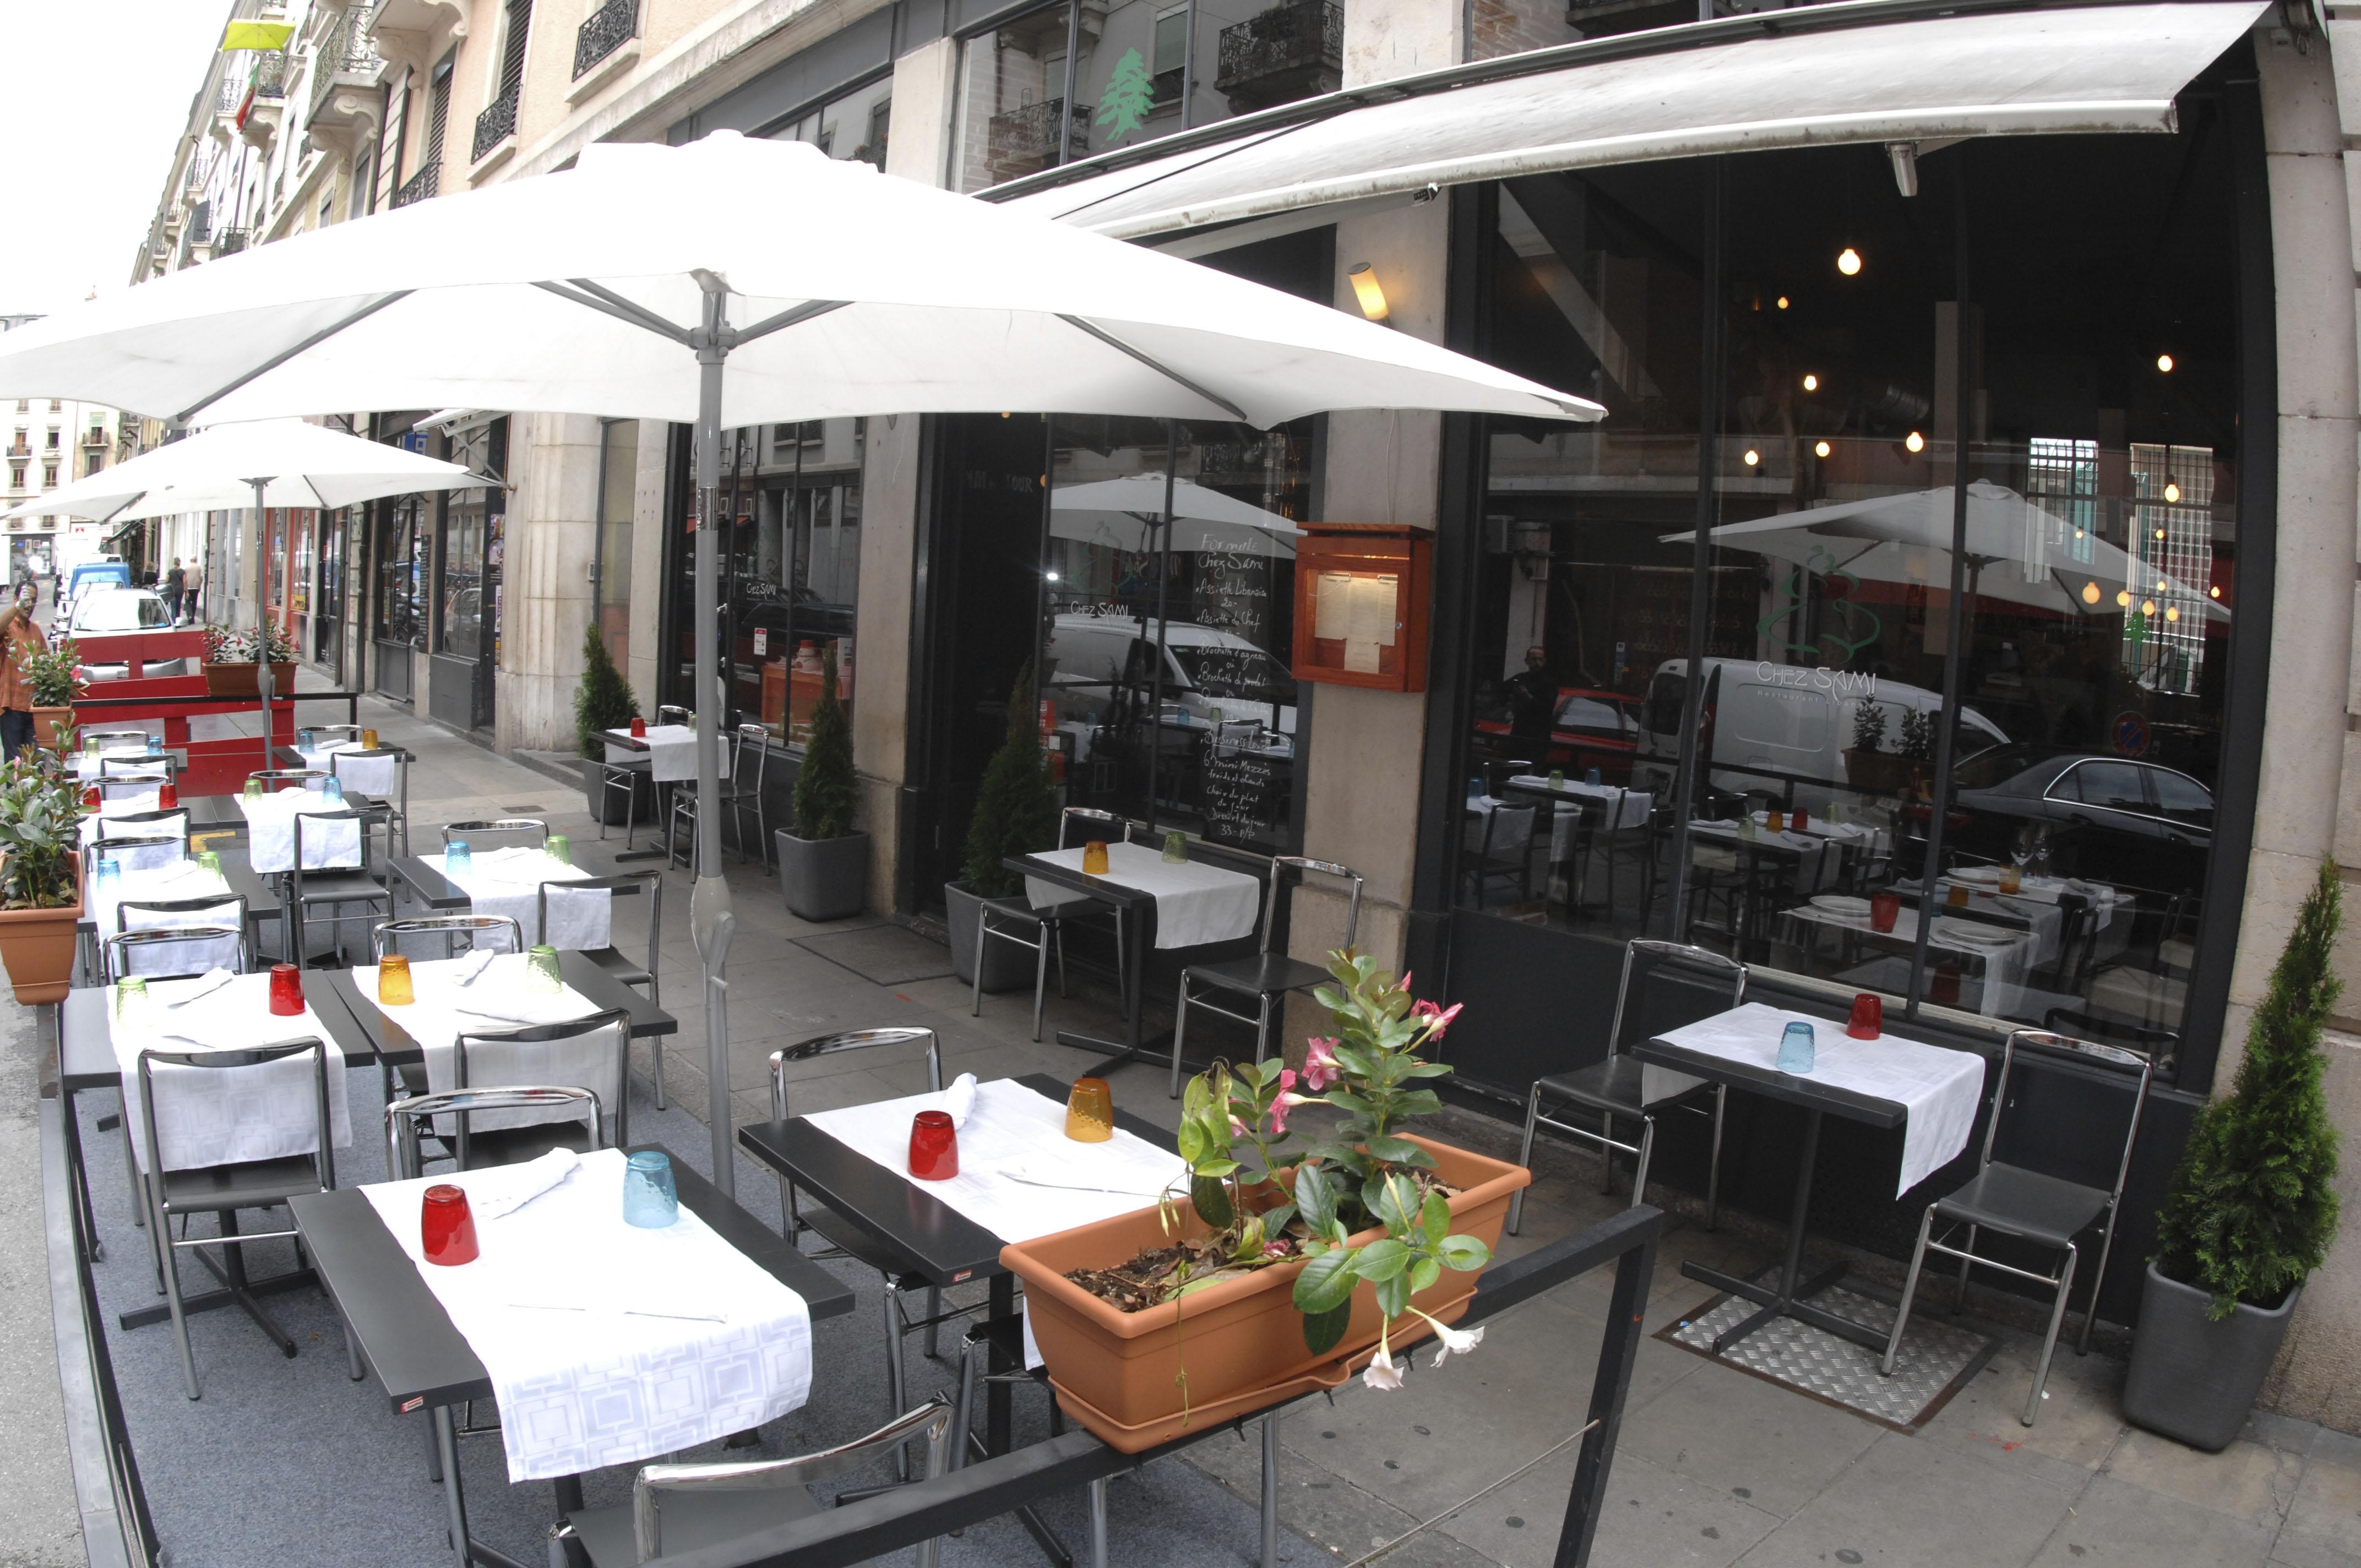 سويسرا جينيف اجمل اماكن التسوق والمطاعم مطعم تشيز سامي